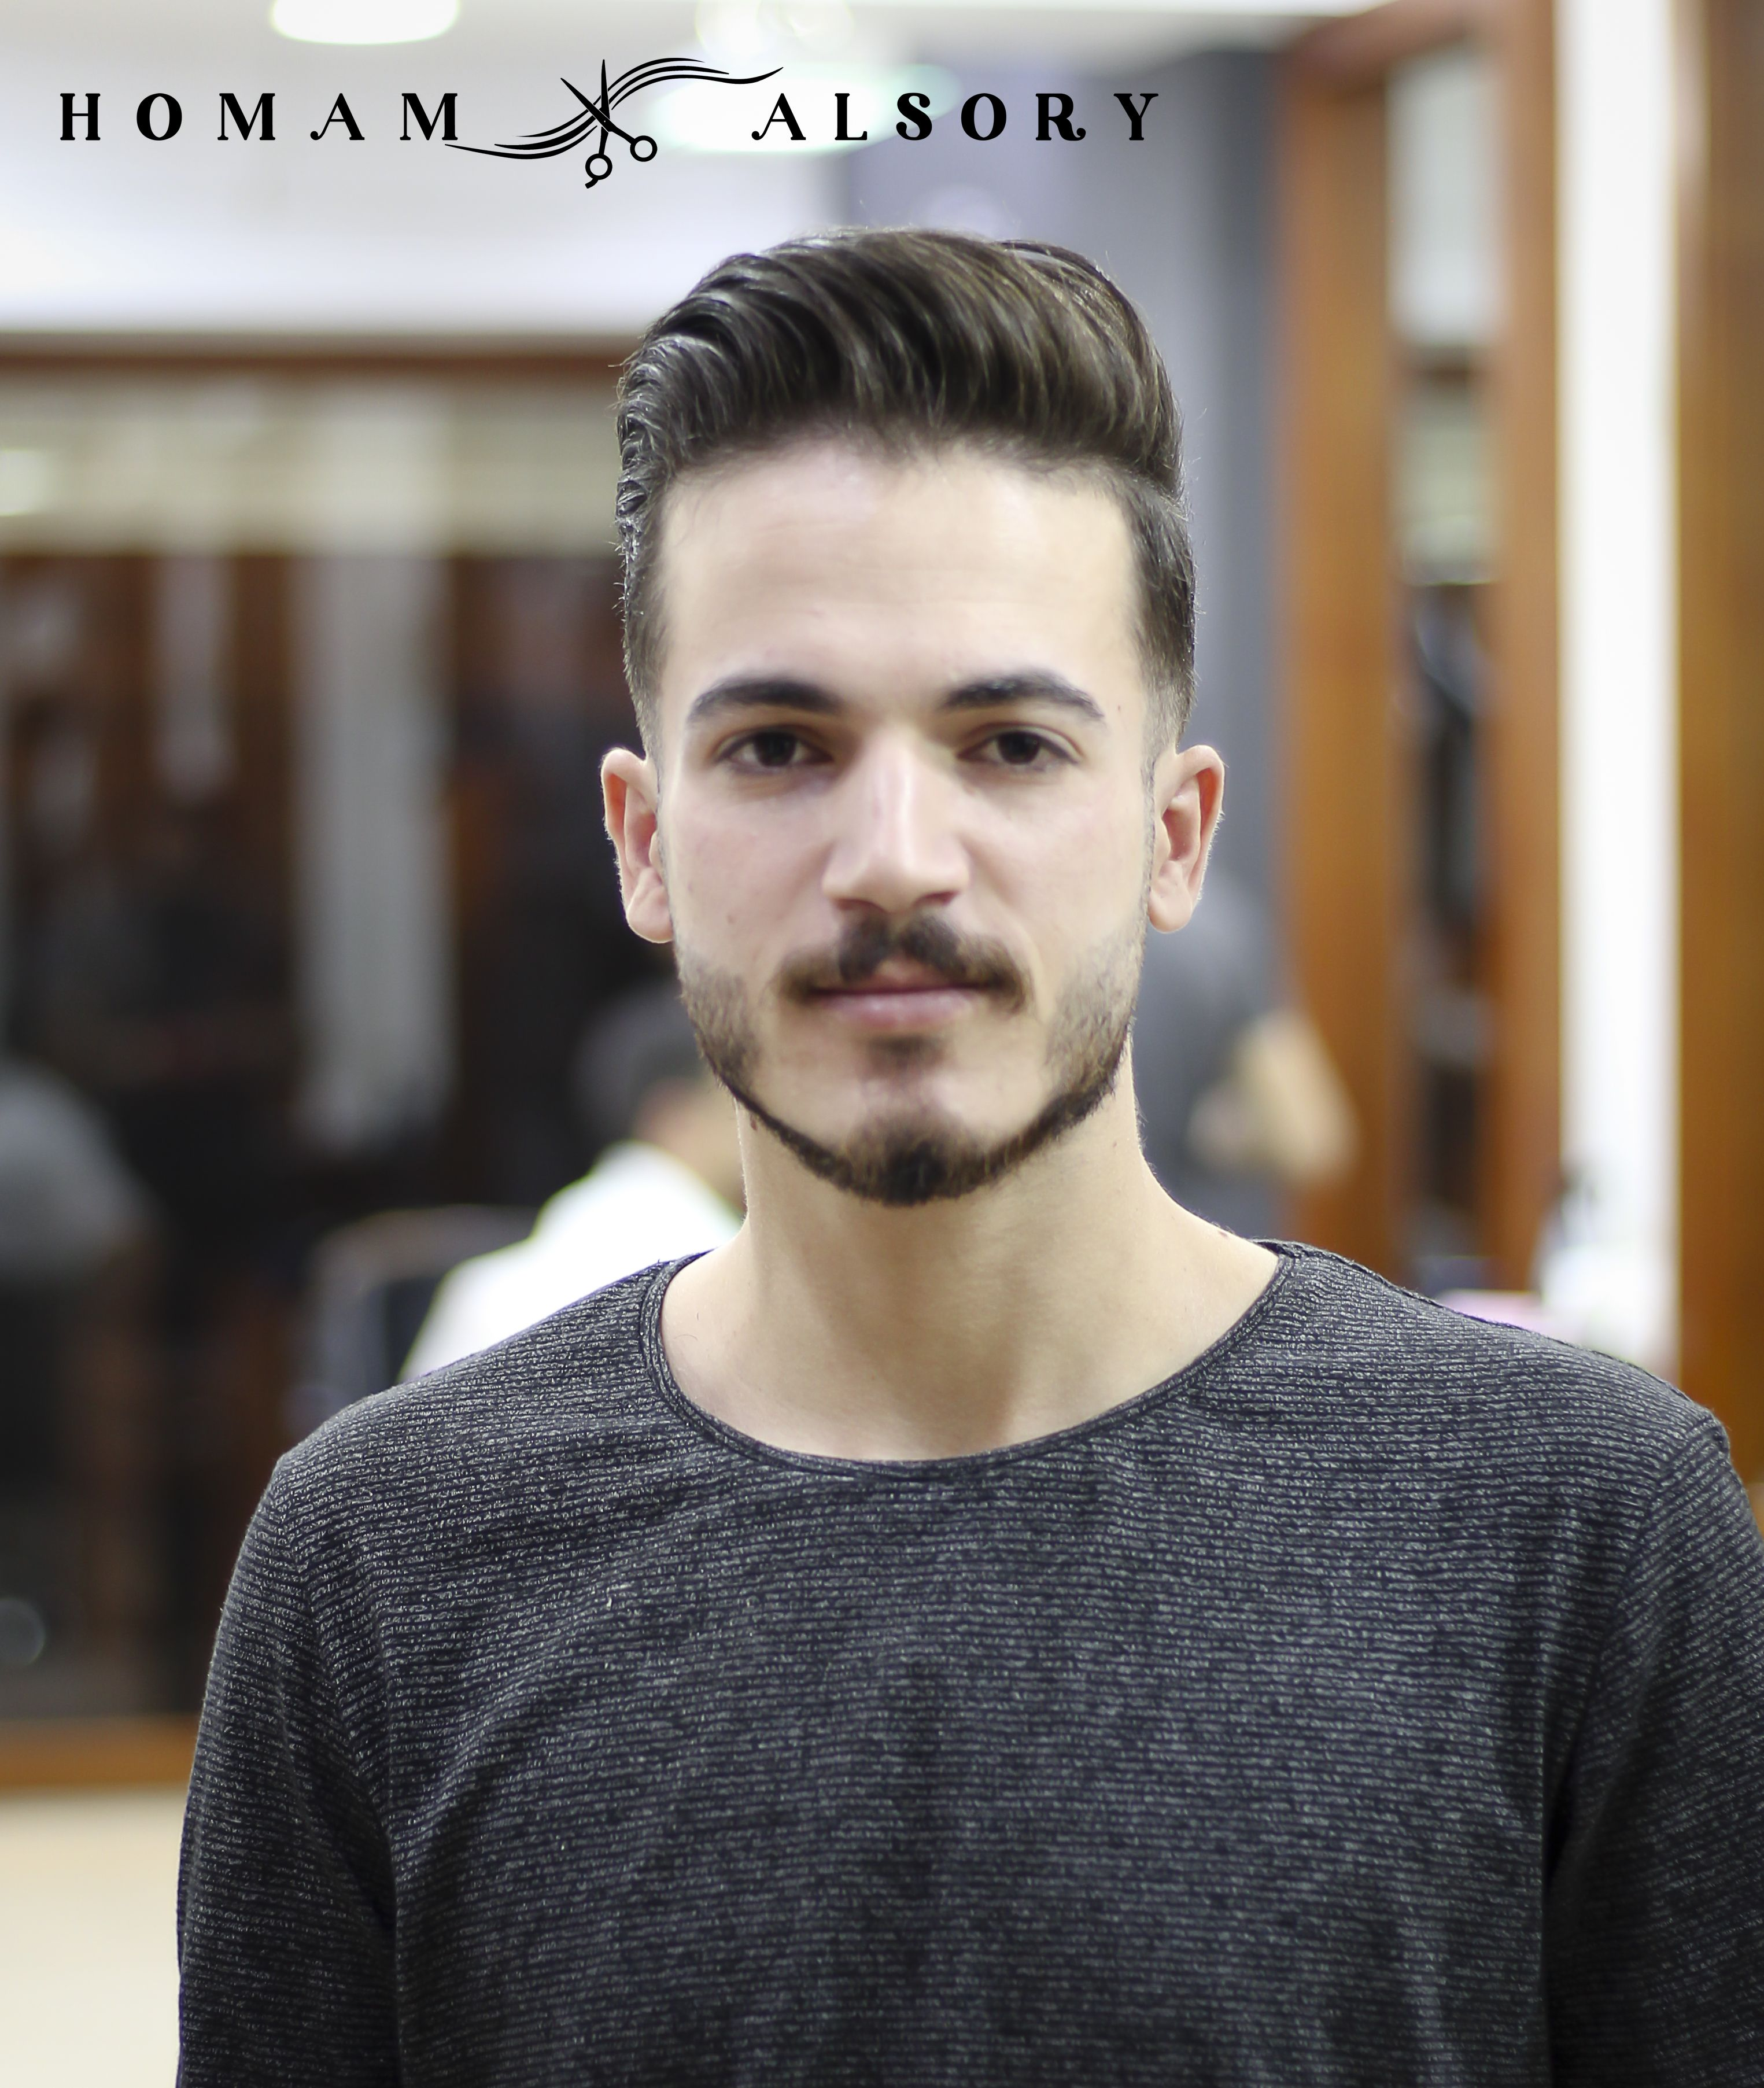 قصات شعر 2019 صالون حلاقة ومركز تجميل همام السوري الاسكندرية سموحة Men Sweater Fashion Sweaters